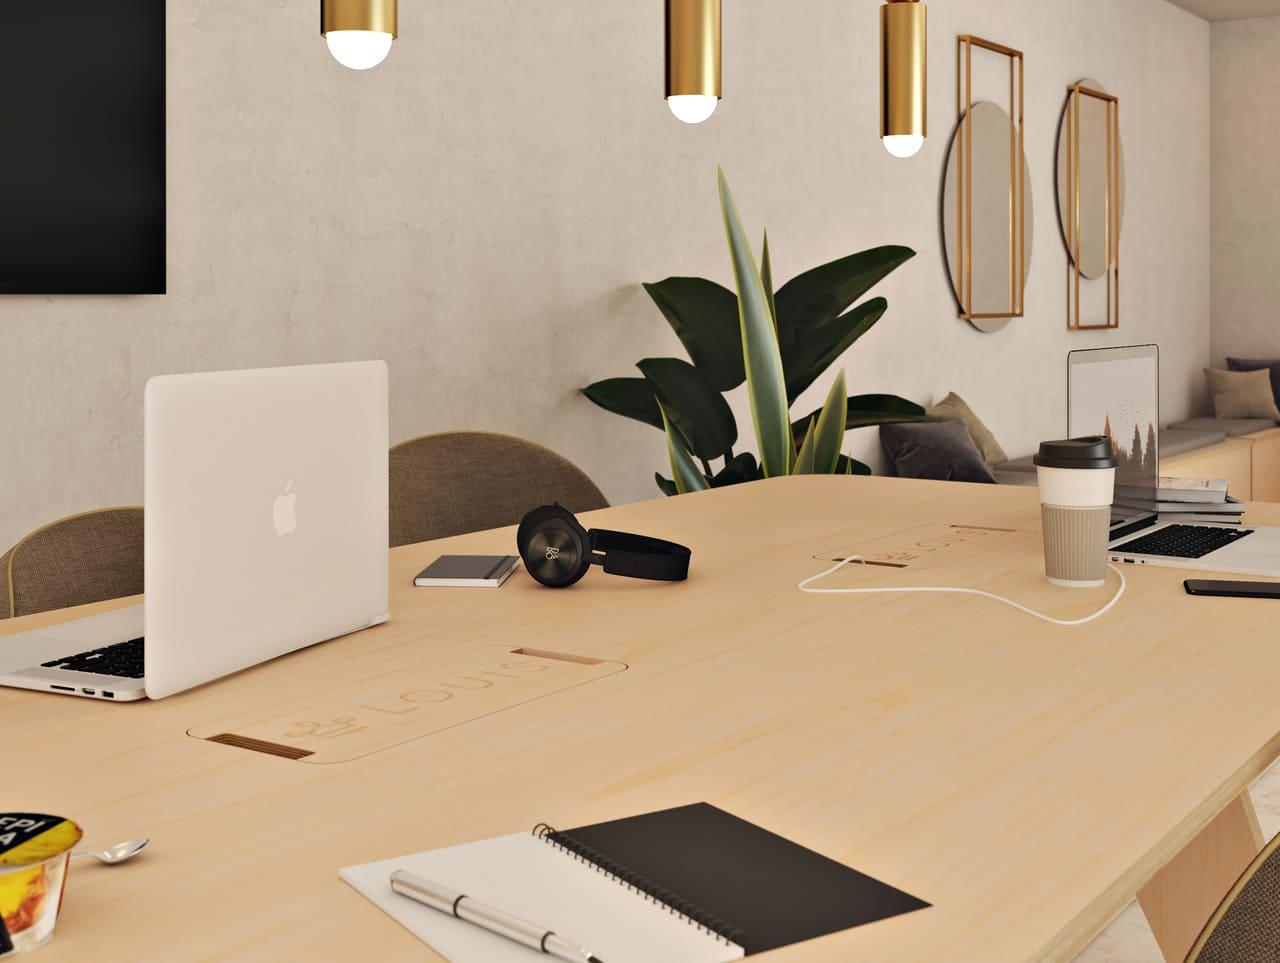 Table de réunion connectée avec trappes gravées au logo de l'entreprise et le câble électrique qui passe dans la goulotte pour brancher l'ordinateur. Une salle de réunion avec des plantes, des luminaires et miroirs au style contemporain.